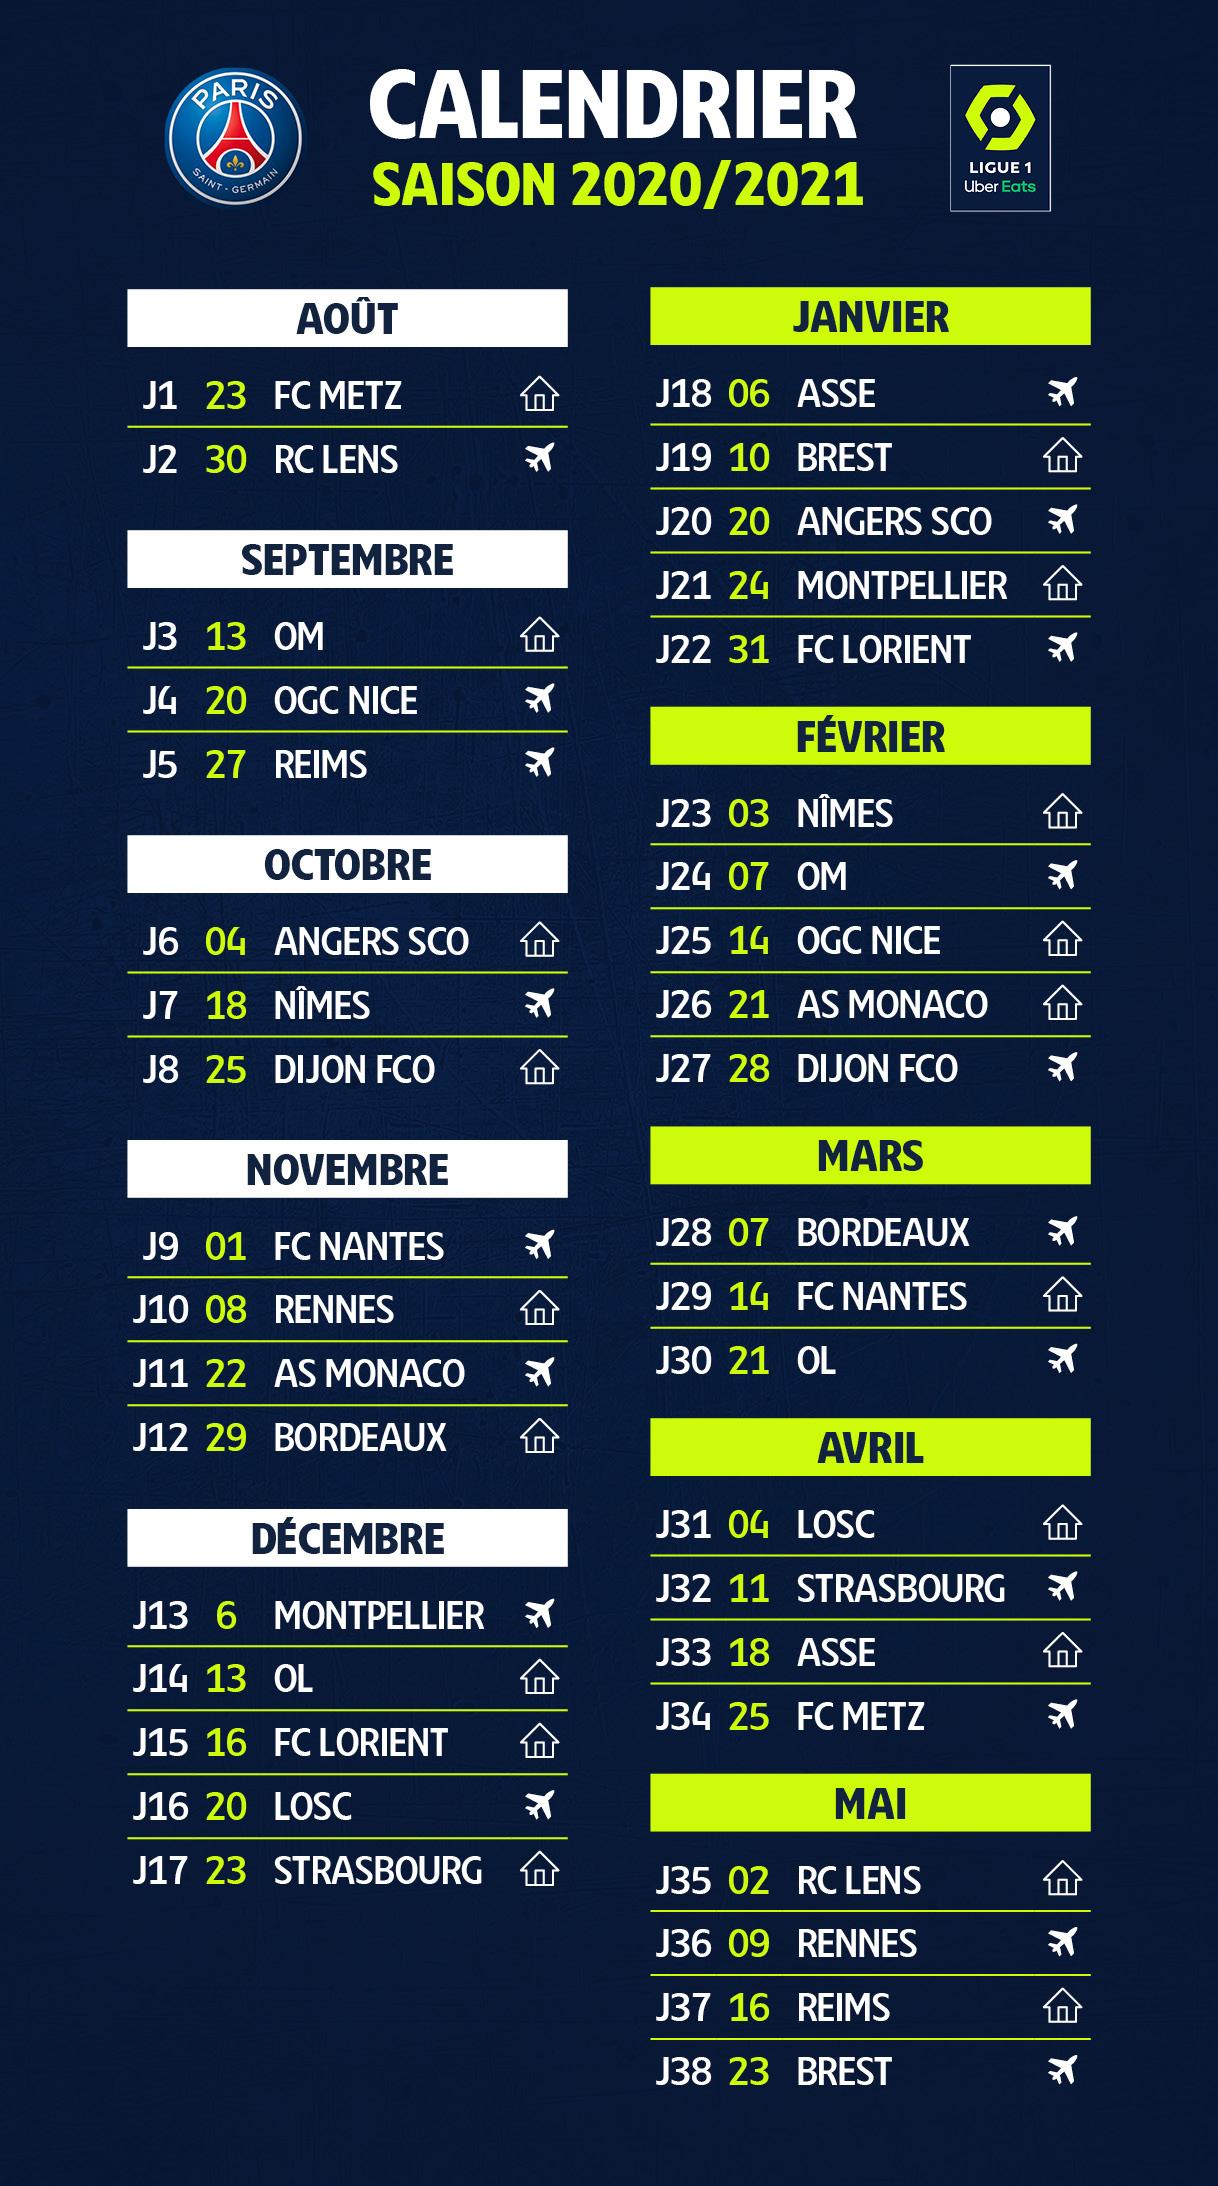 Club : La LFP officialise le calendrier 2020/2021 du PSG | CulturePSG